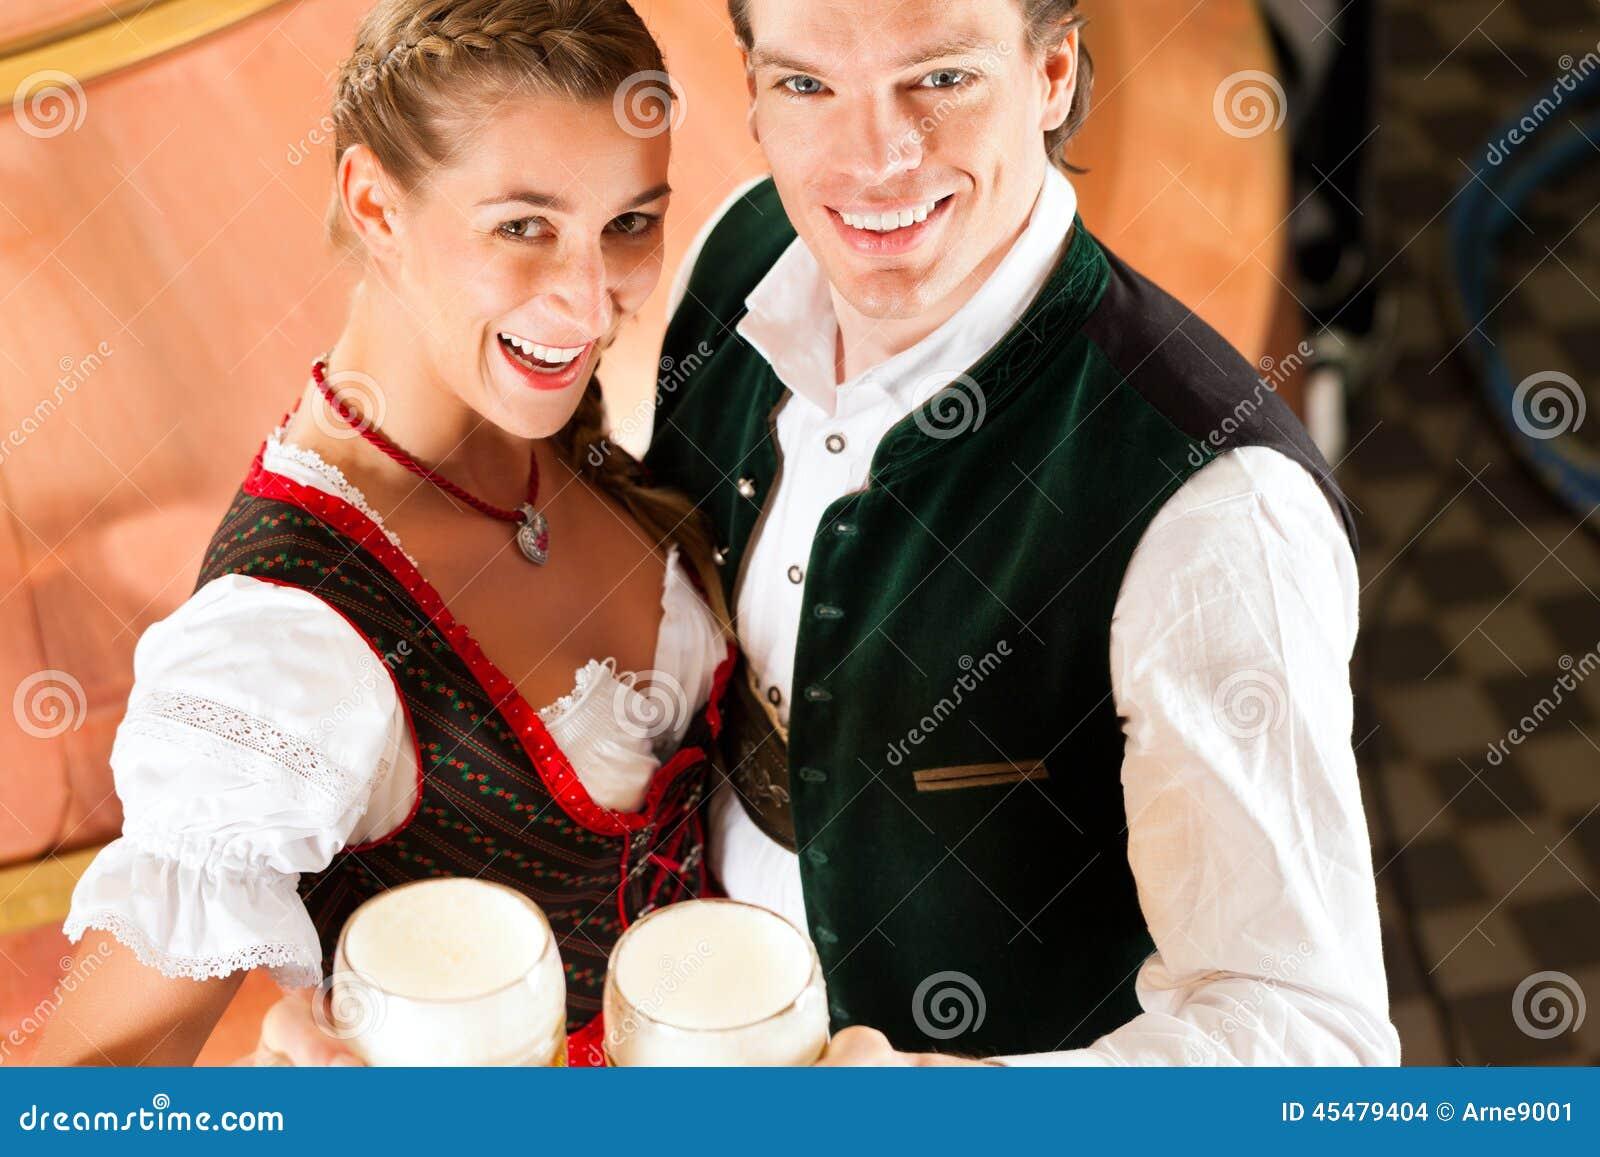 Mann und Frau mit Bierglas in der Brauerei